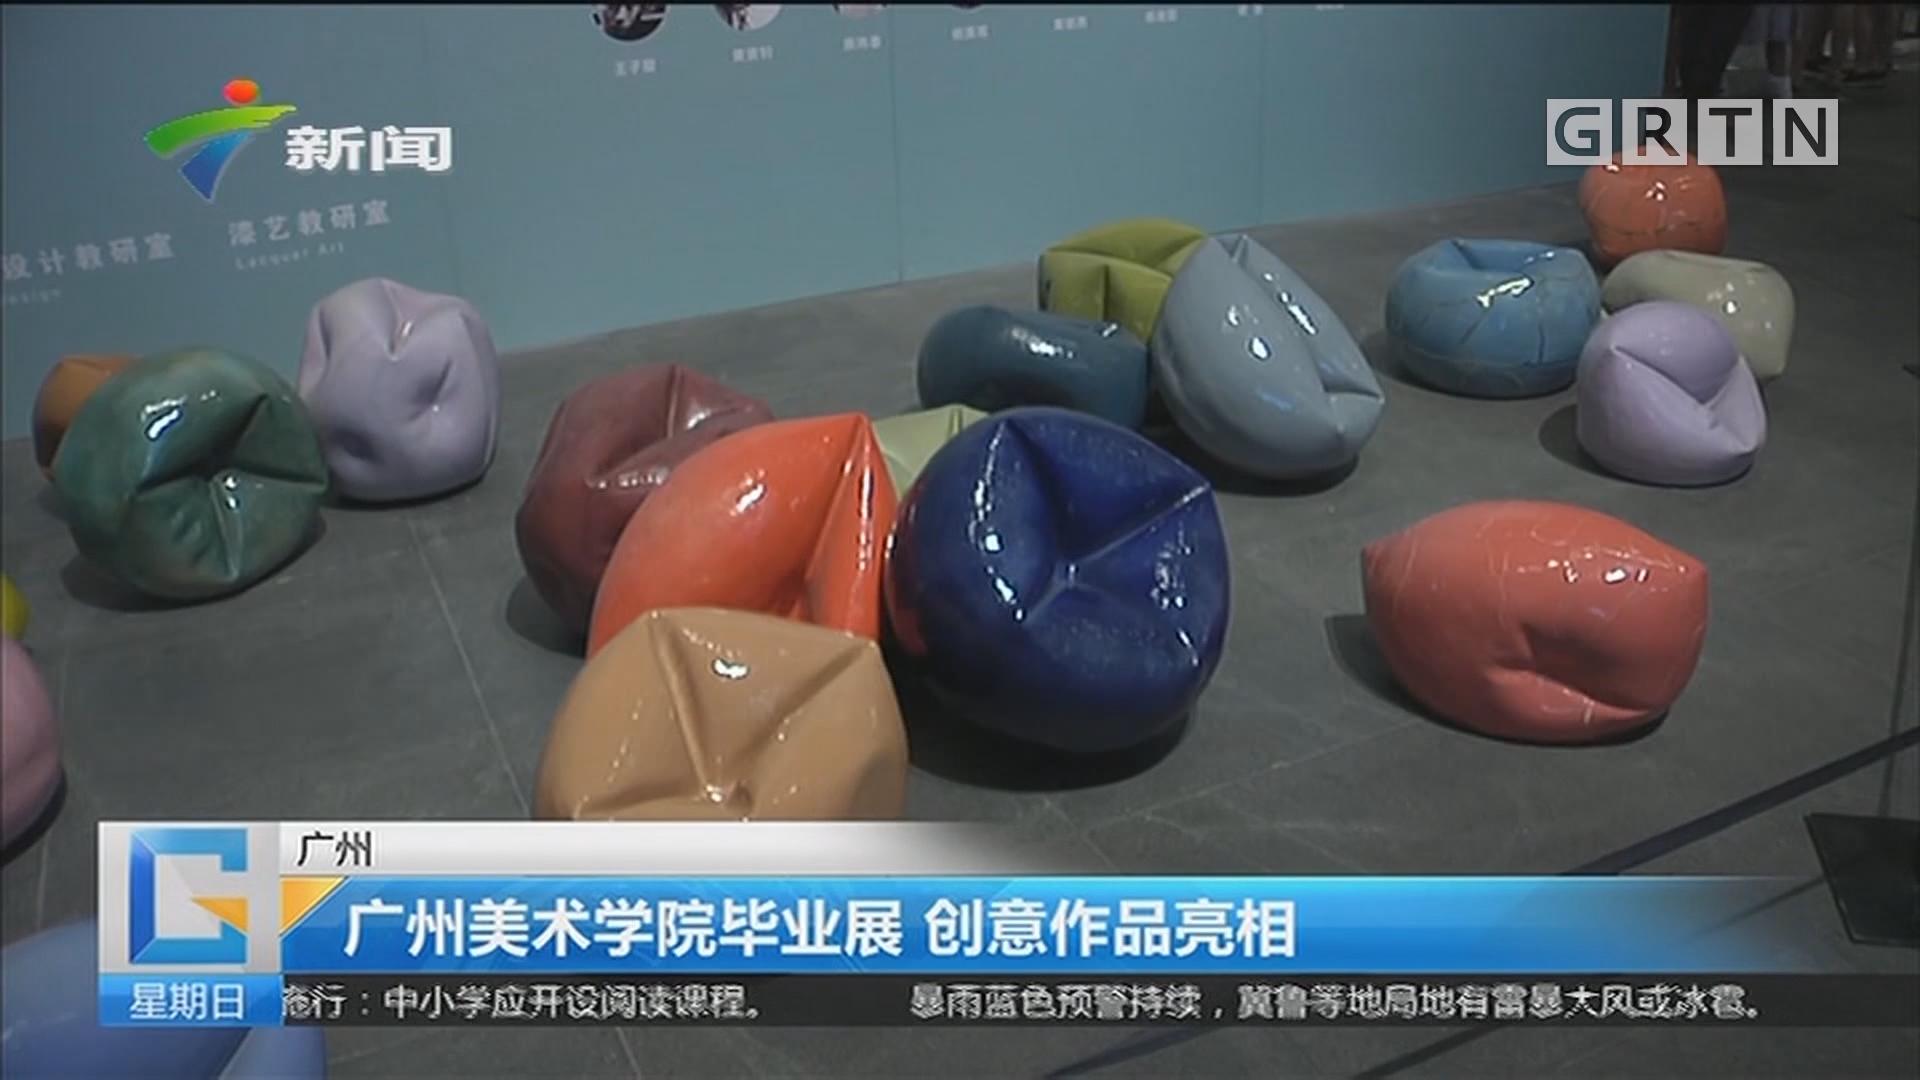 广州:广州美术学院毕业展 创意作品亮相